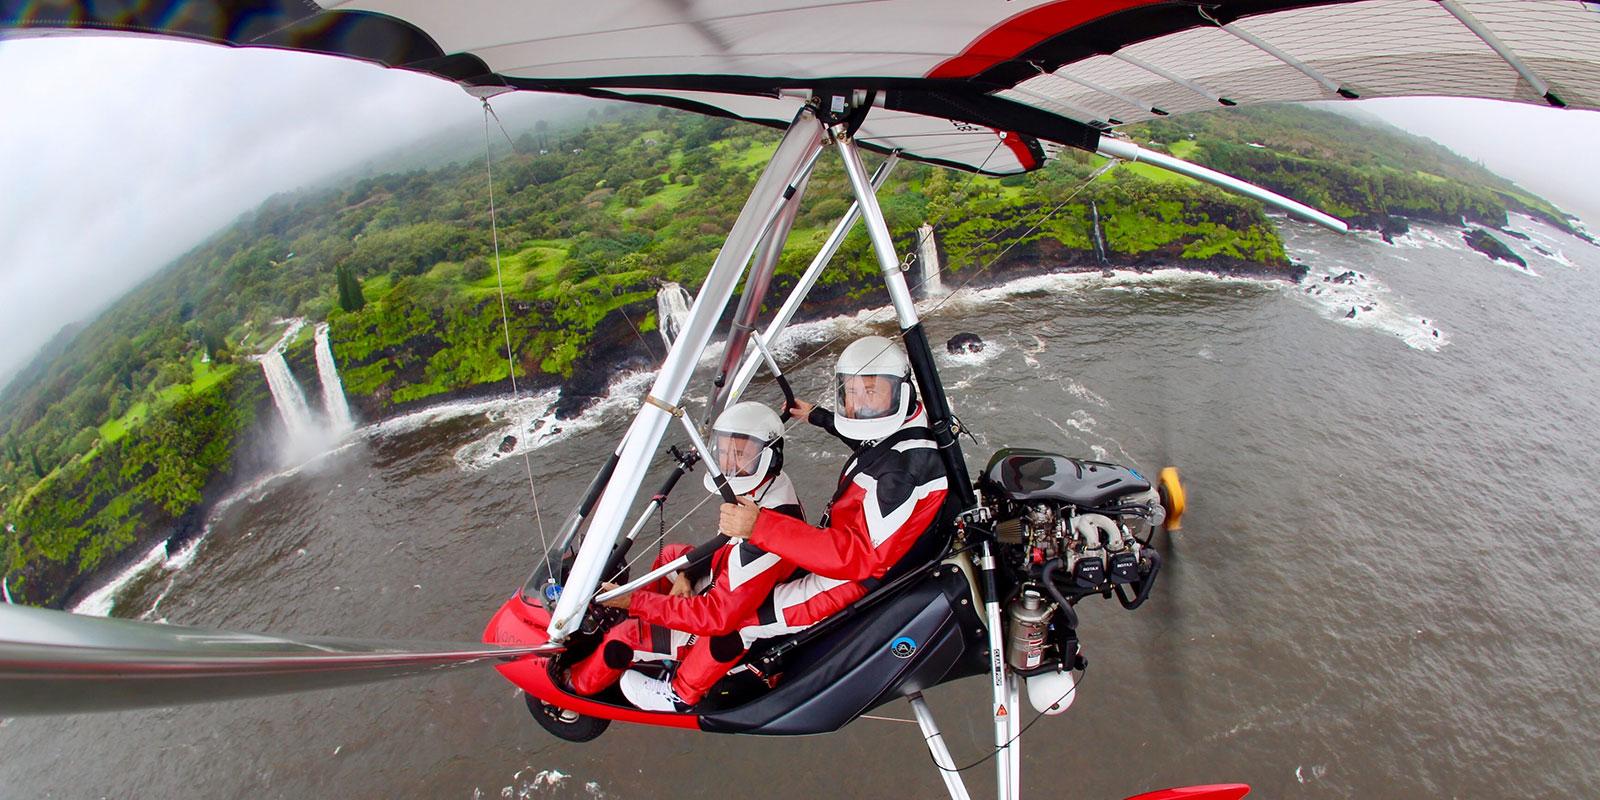 Hang Gliding Maui - Powered Hang Glider Flights in Maui, Hawaii